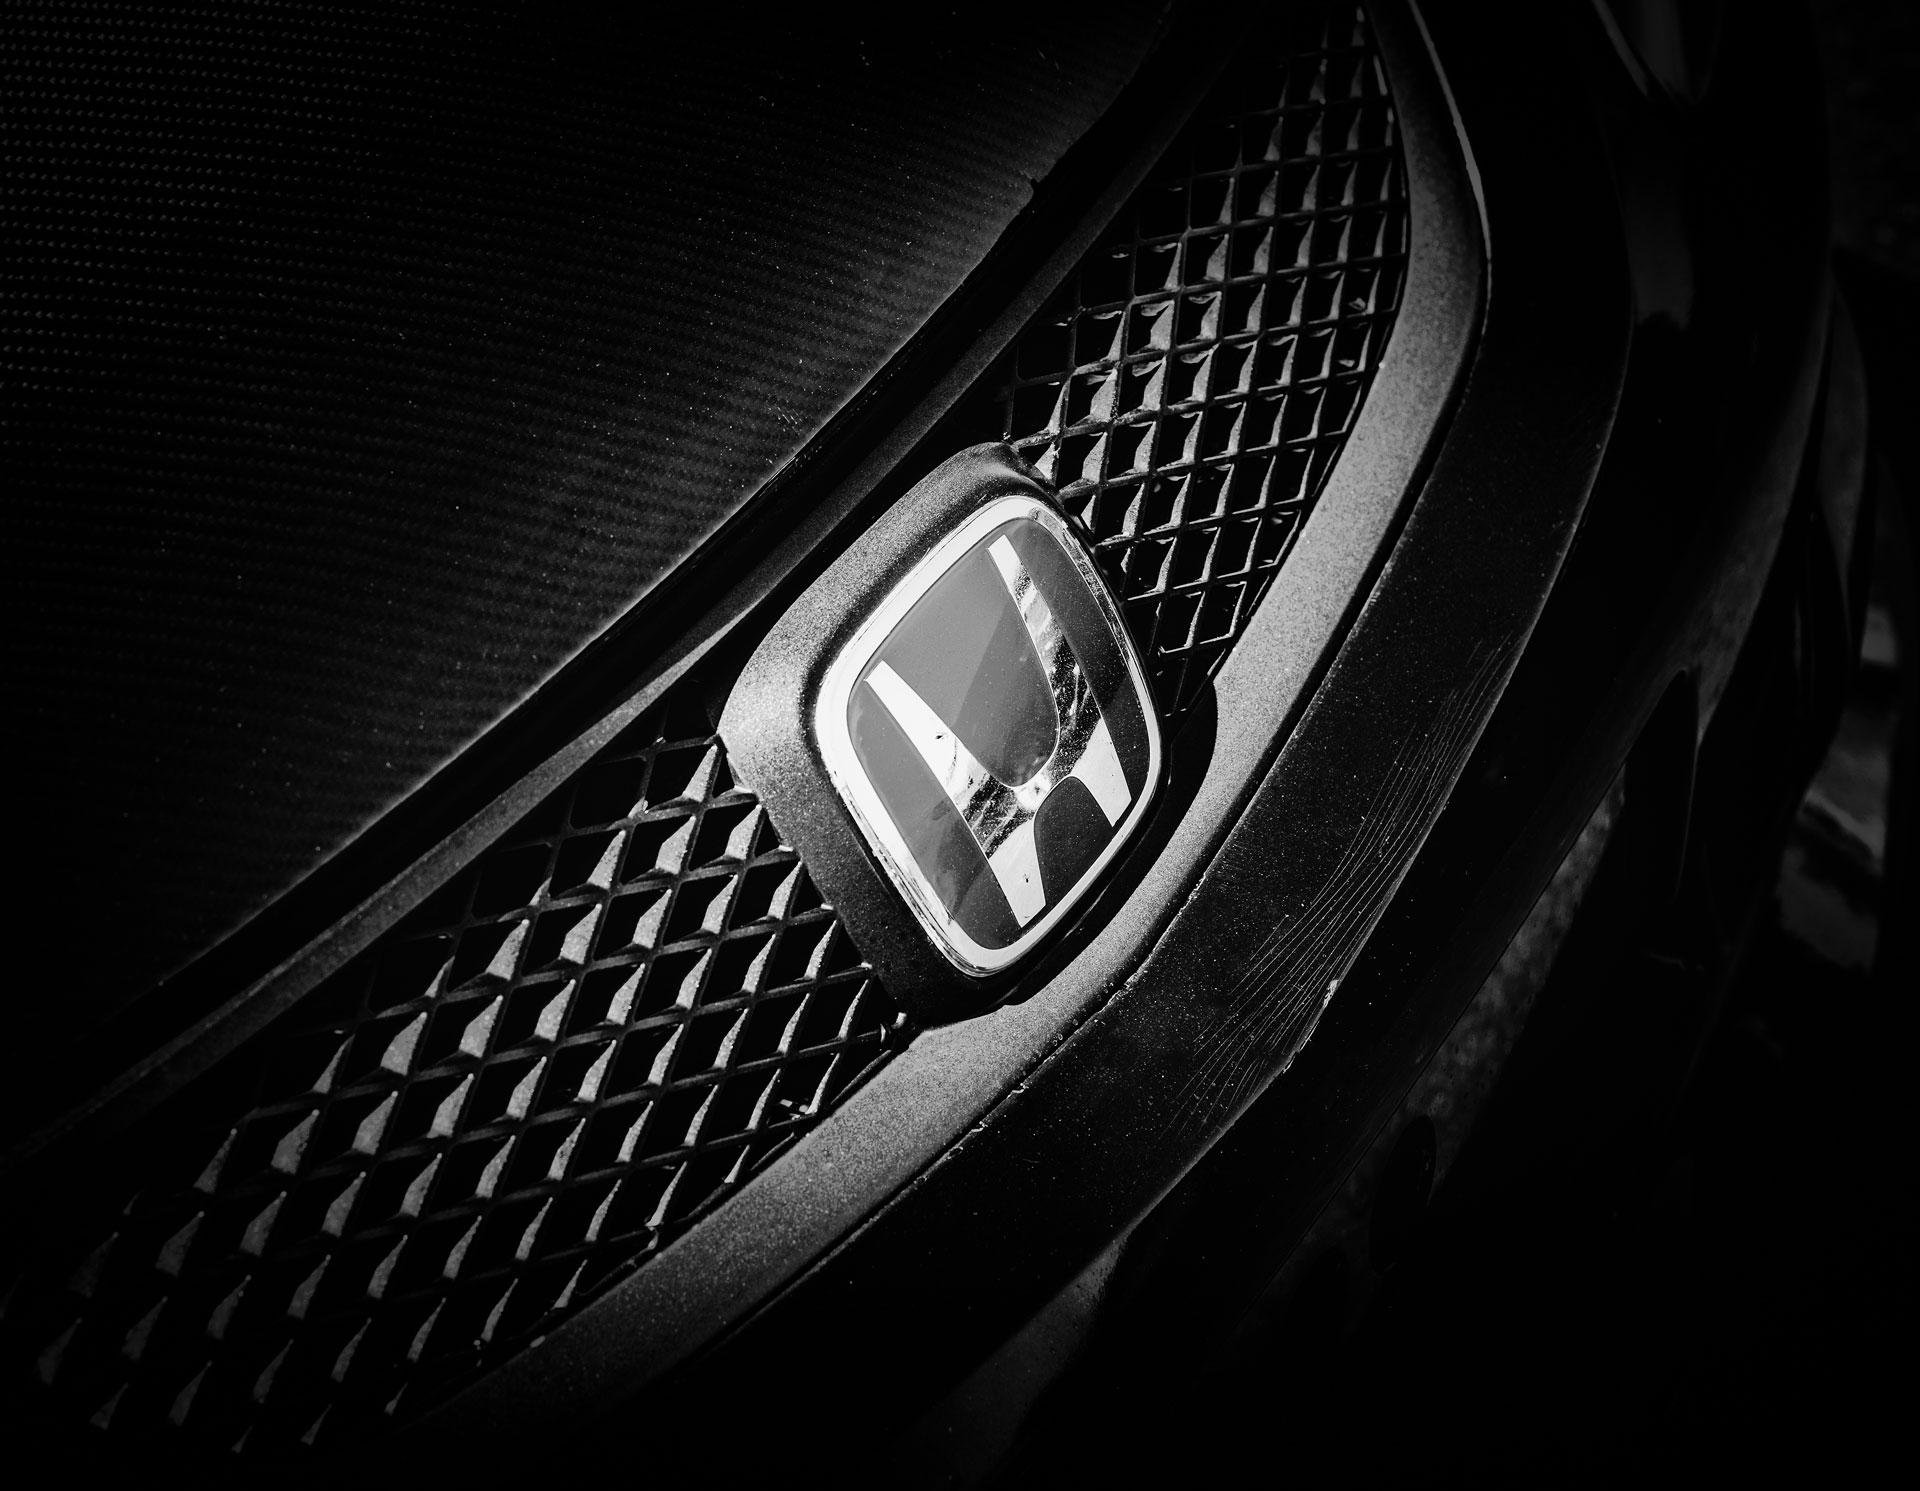 Honda database exposure